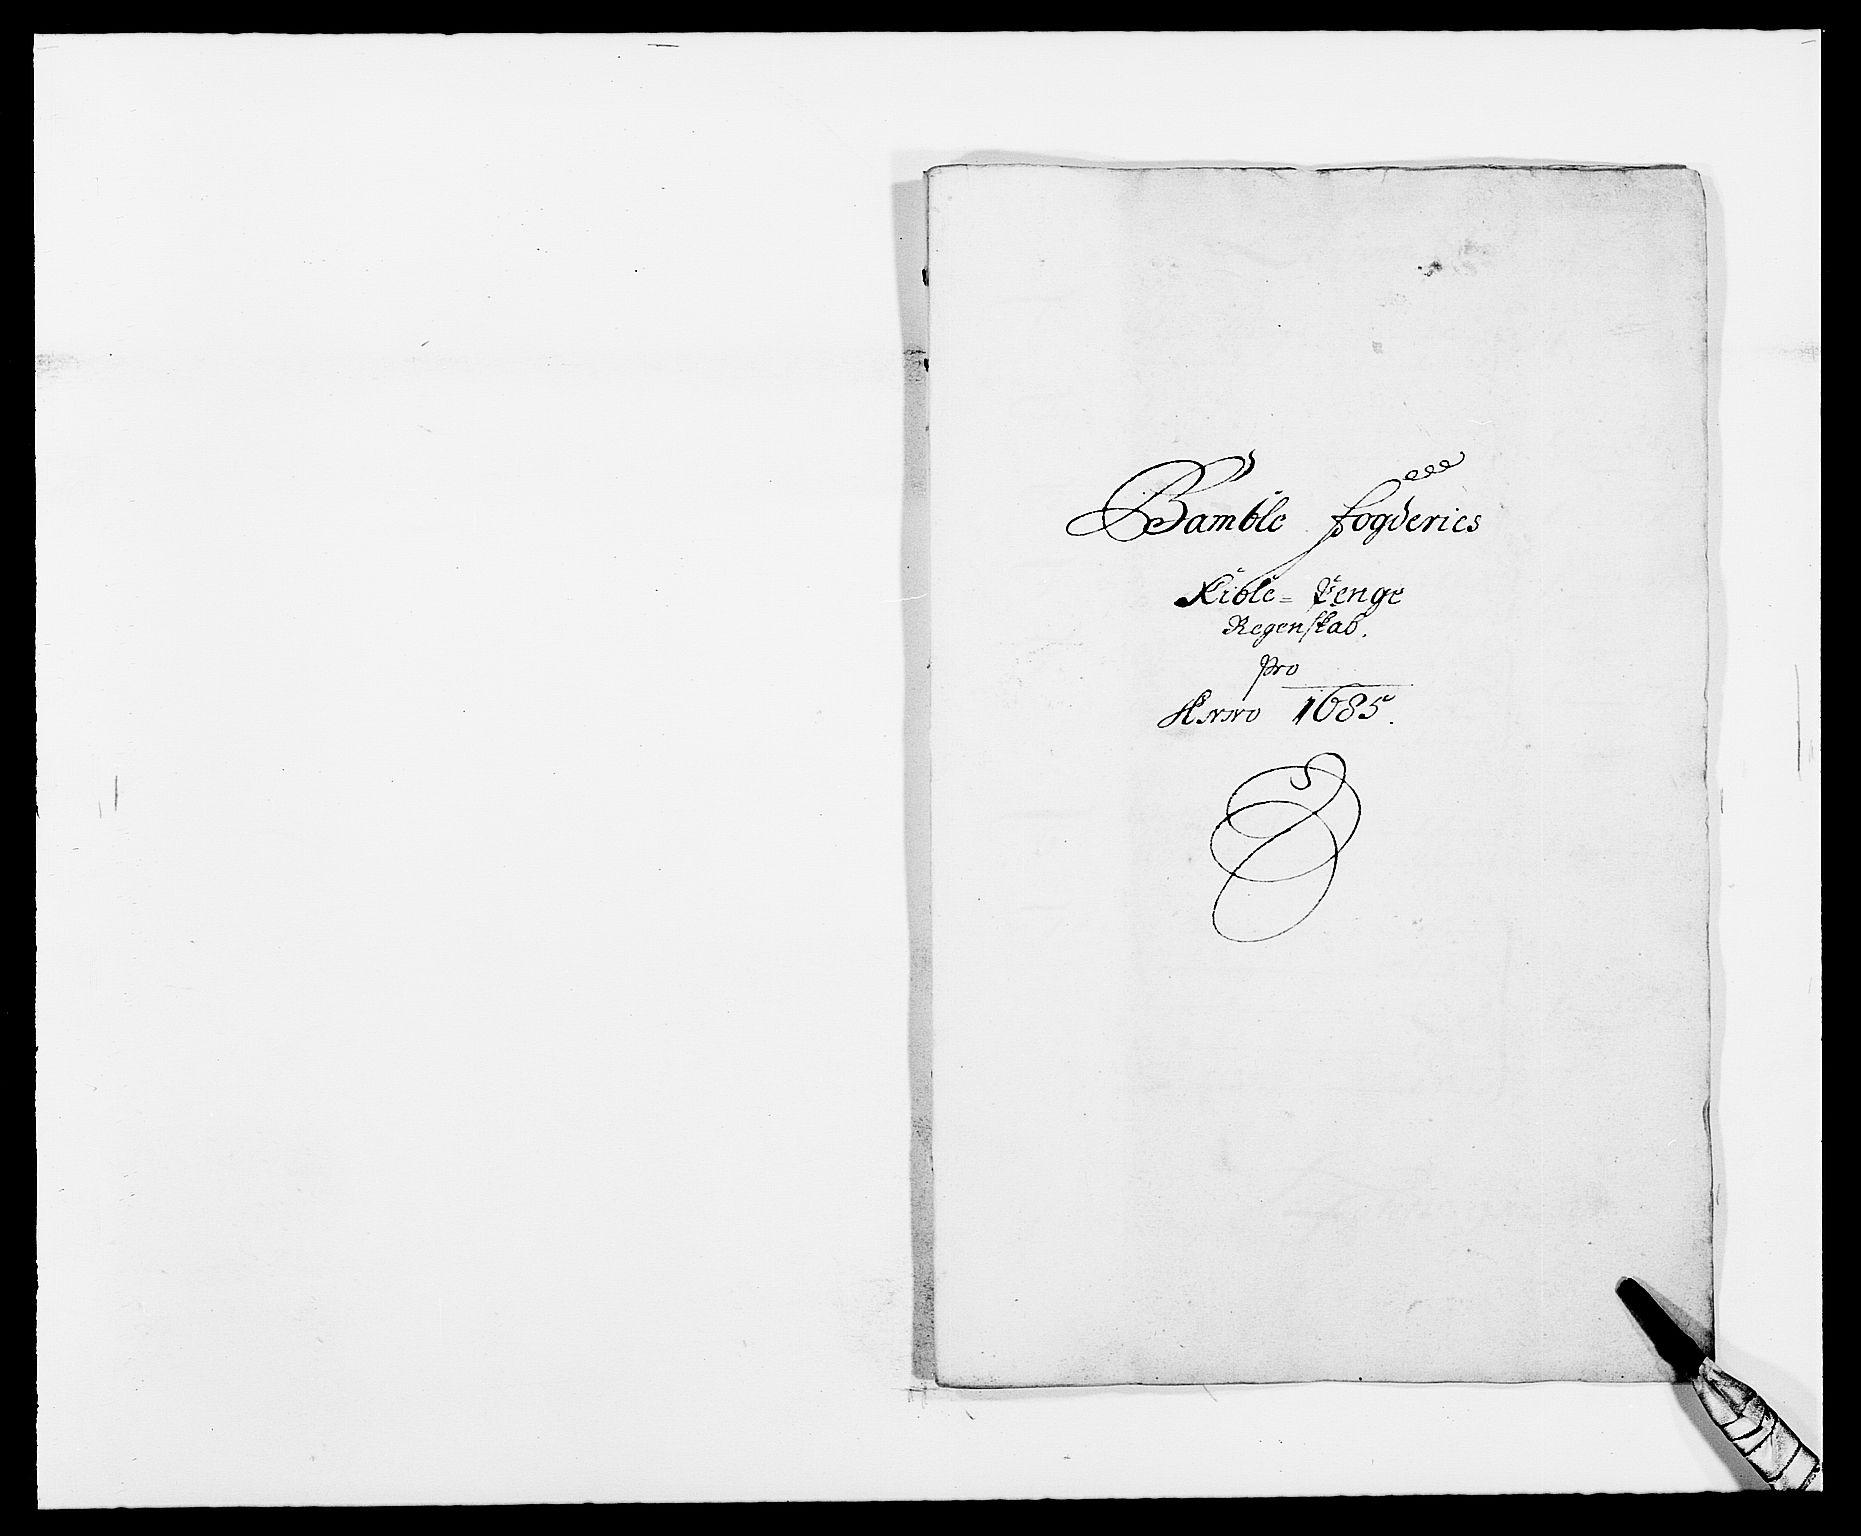 RA, Rentekammeret inntil 1814, Reviderte regnskaper, Fogderegnskap, R34/L2048: Fogderegnskap Bamble, 1685-1687, s. 116